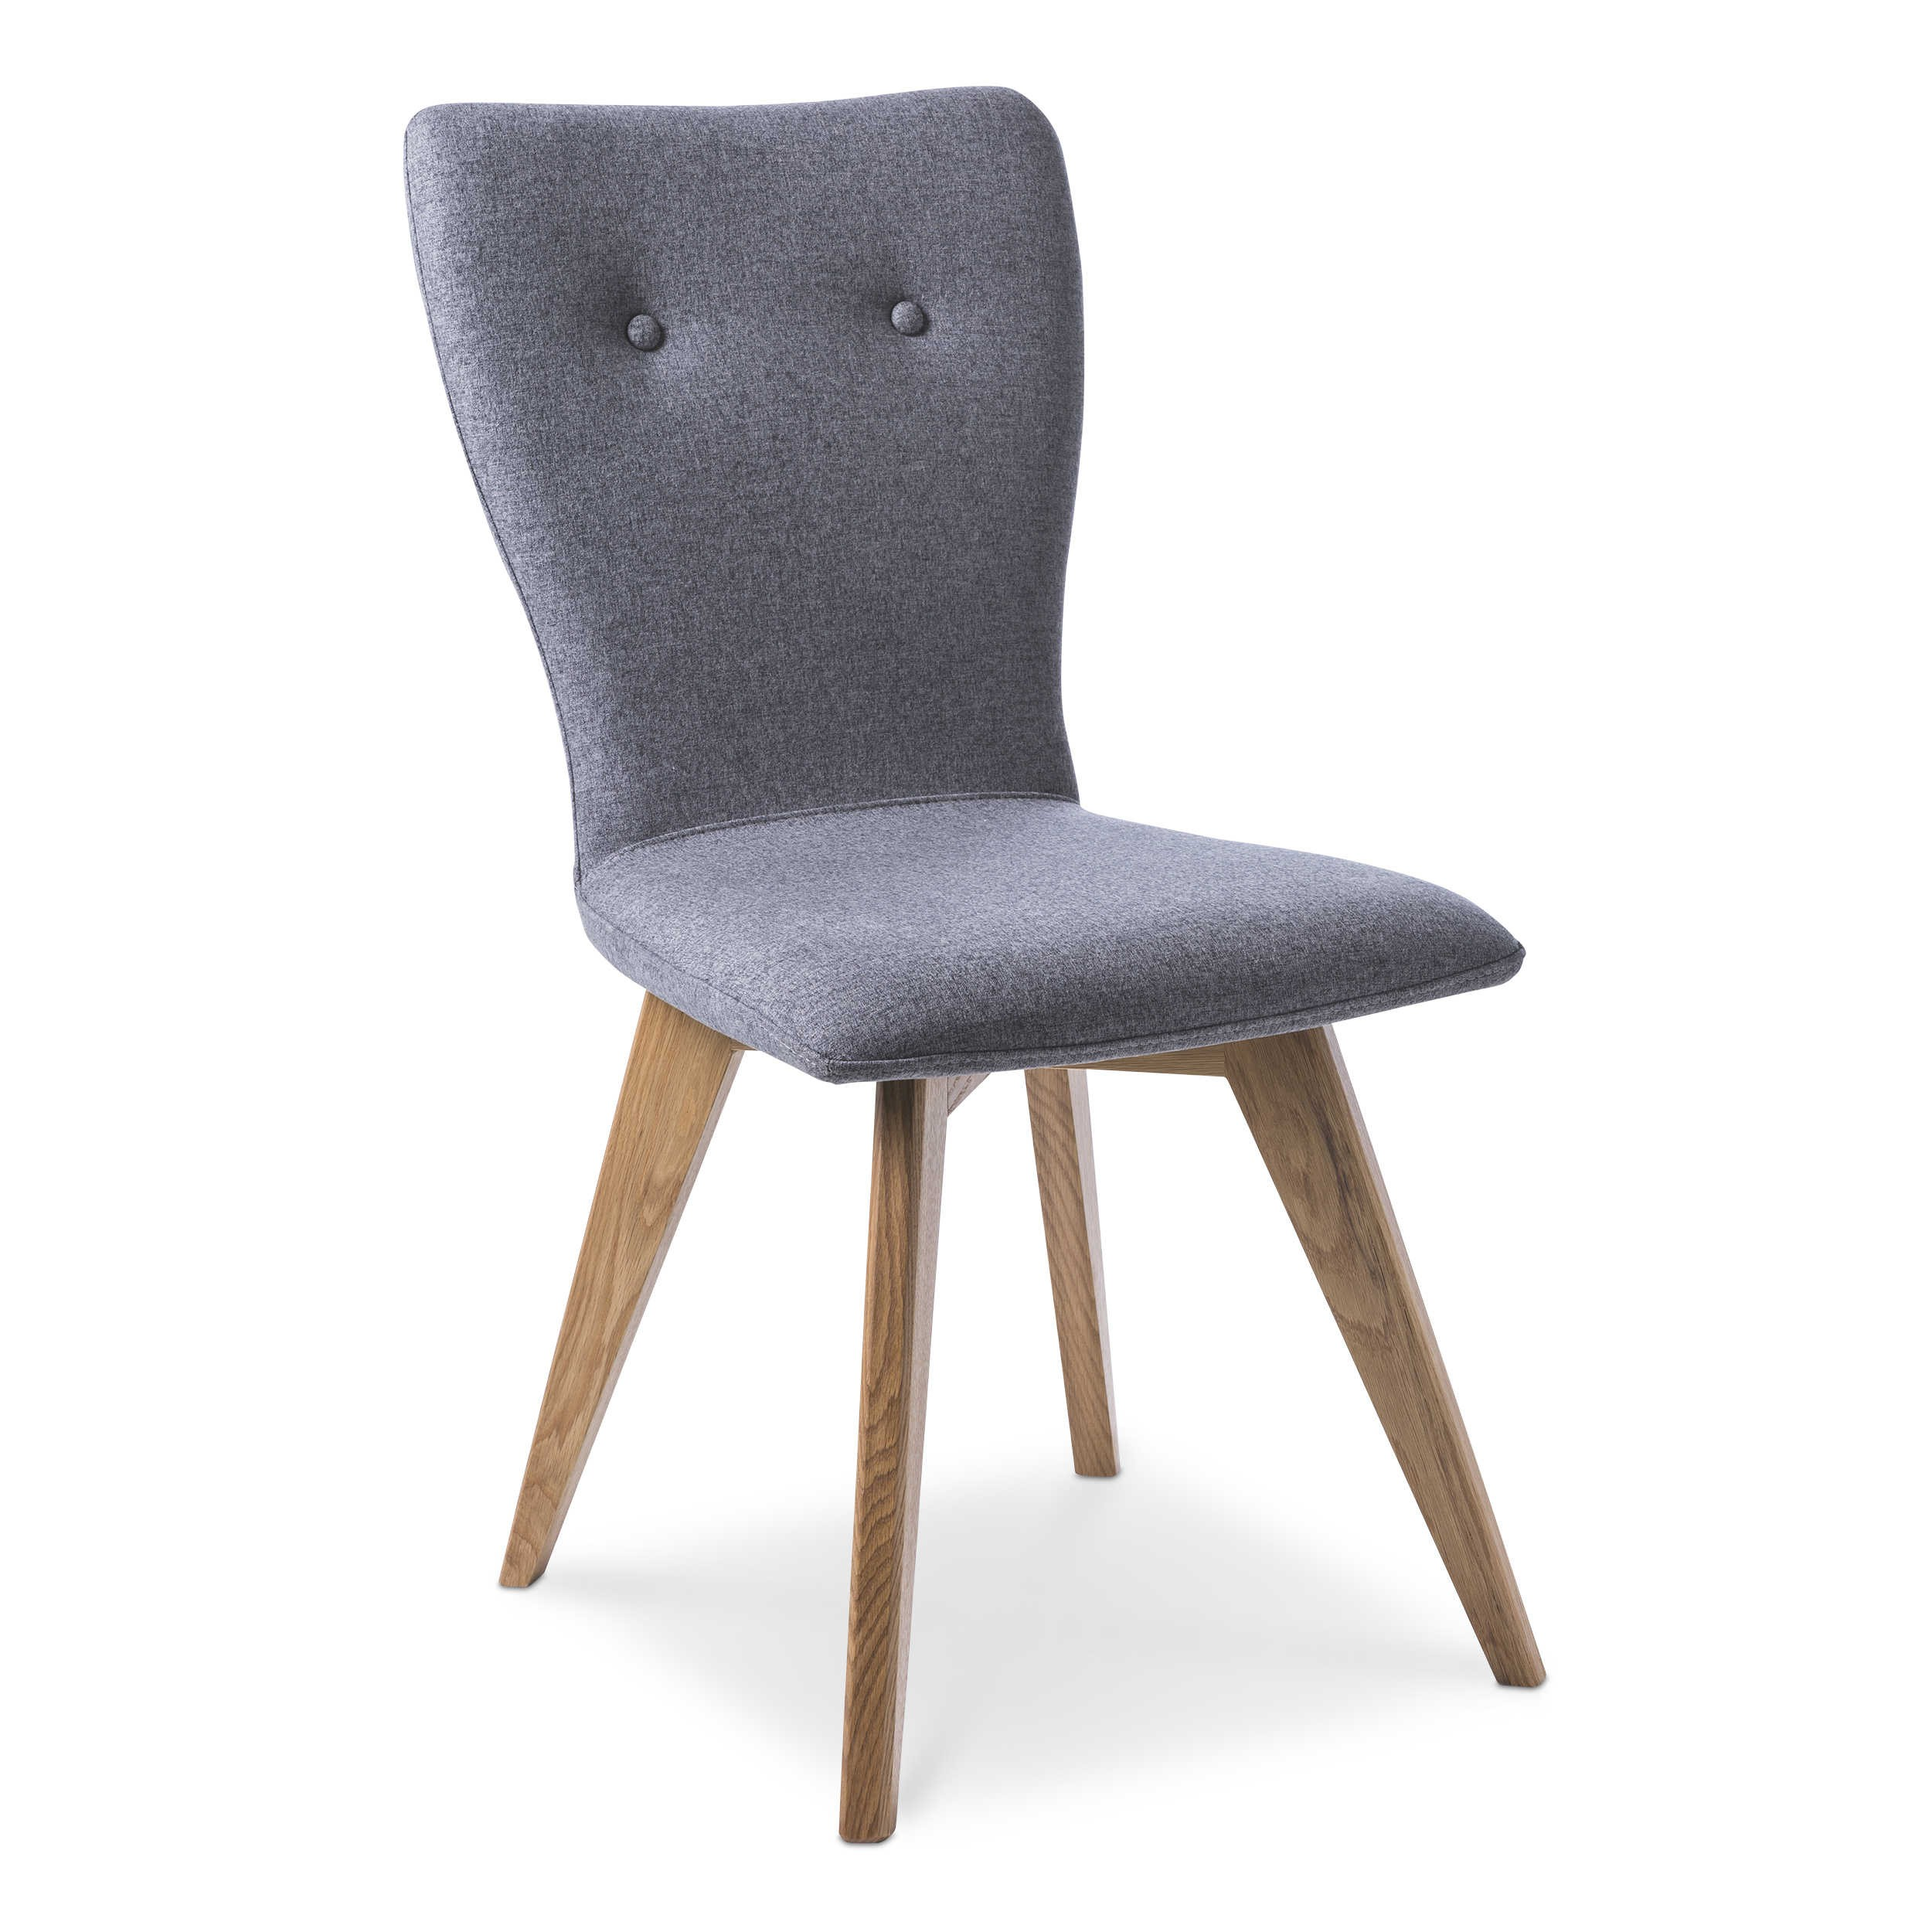 Elegant Esszimmerstühle Grau Stoff Foto Von